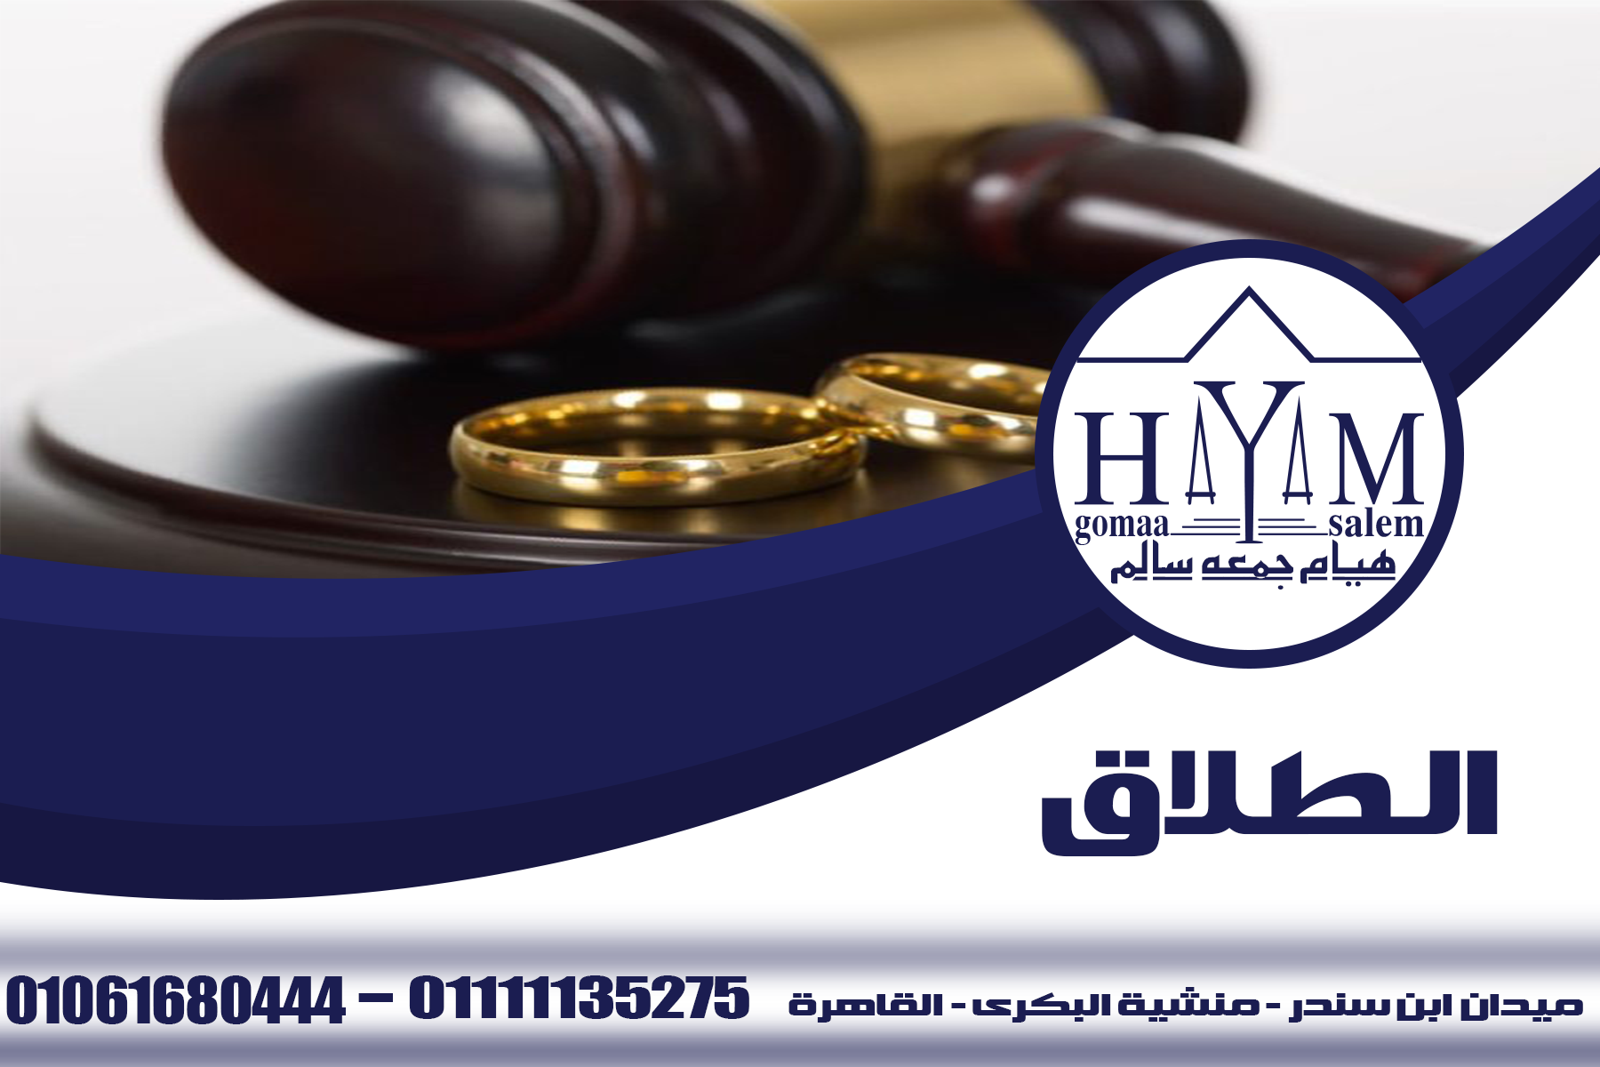 التطليق للضرر زواج الاجانب في مصر المحامية هيام جمعه سالم 01061680444